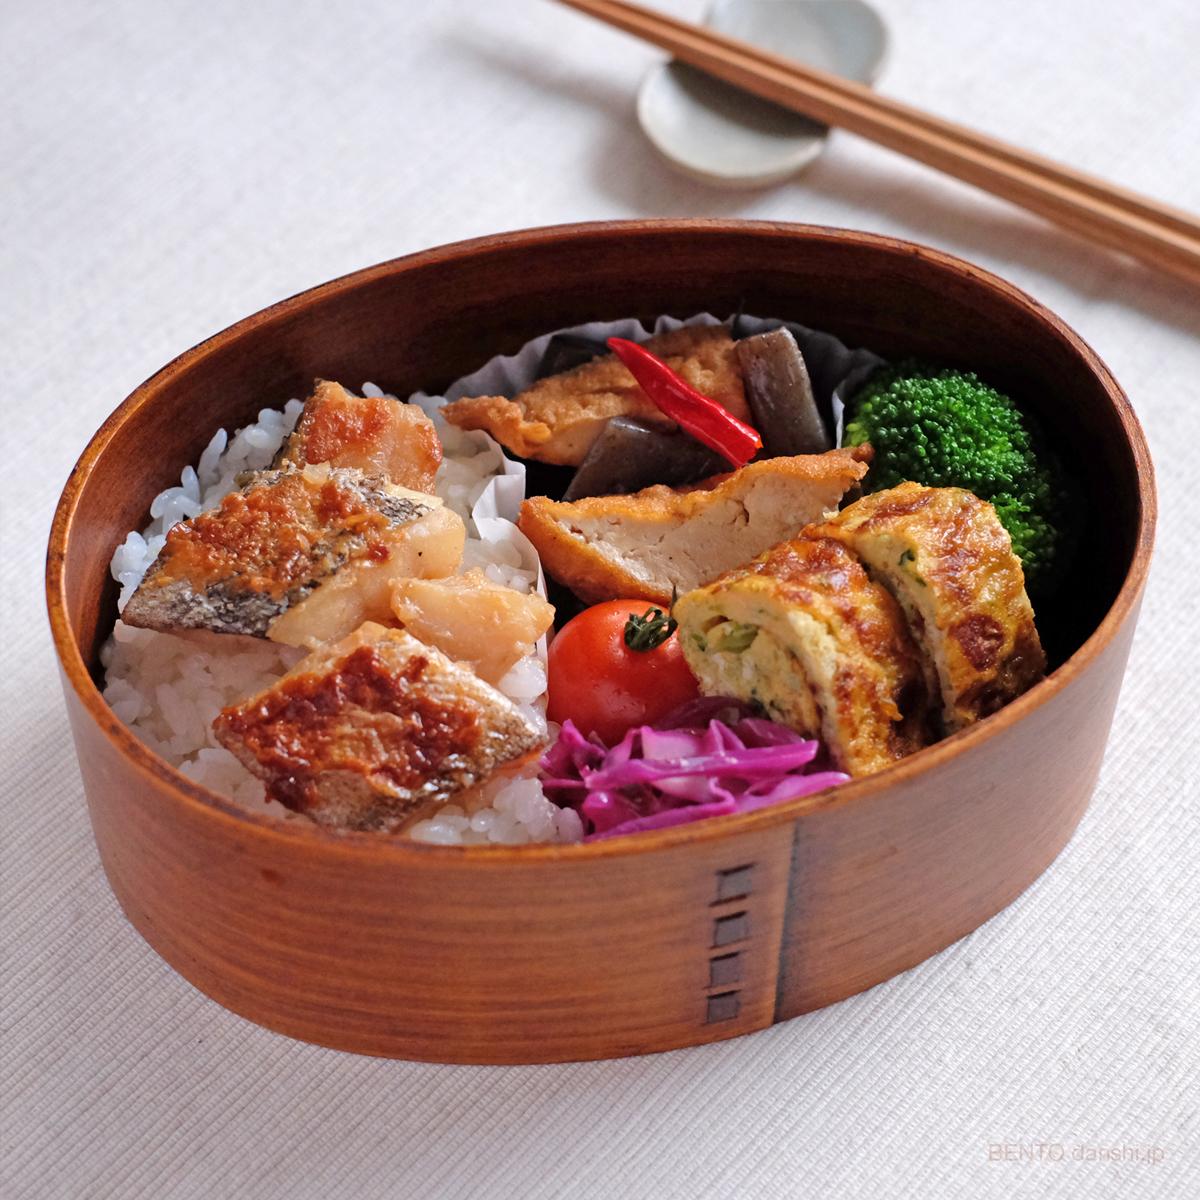 作り置きで簡単お弁当、たらの照り焼きとこんにゃくと厚揚げの炒り煮弁当